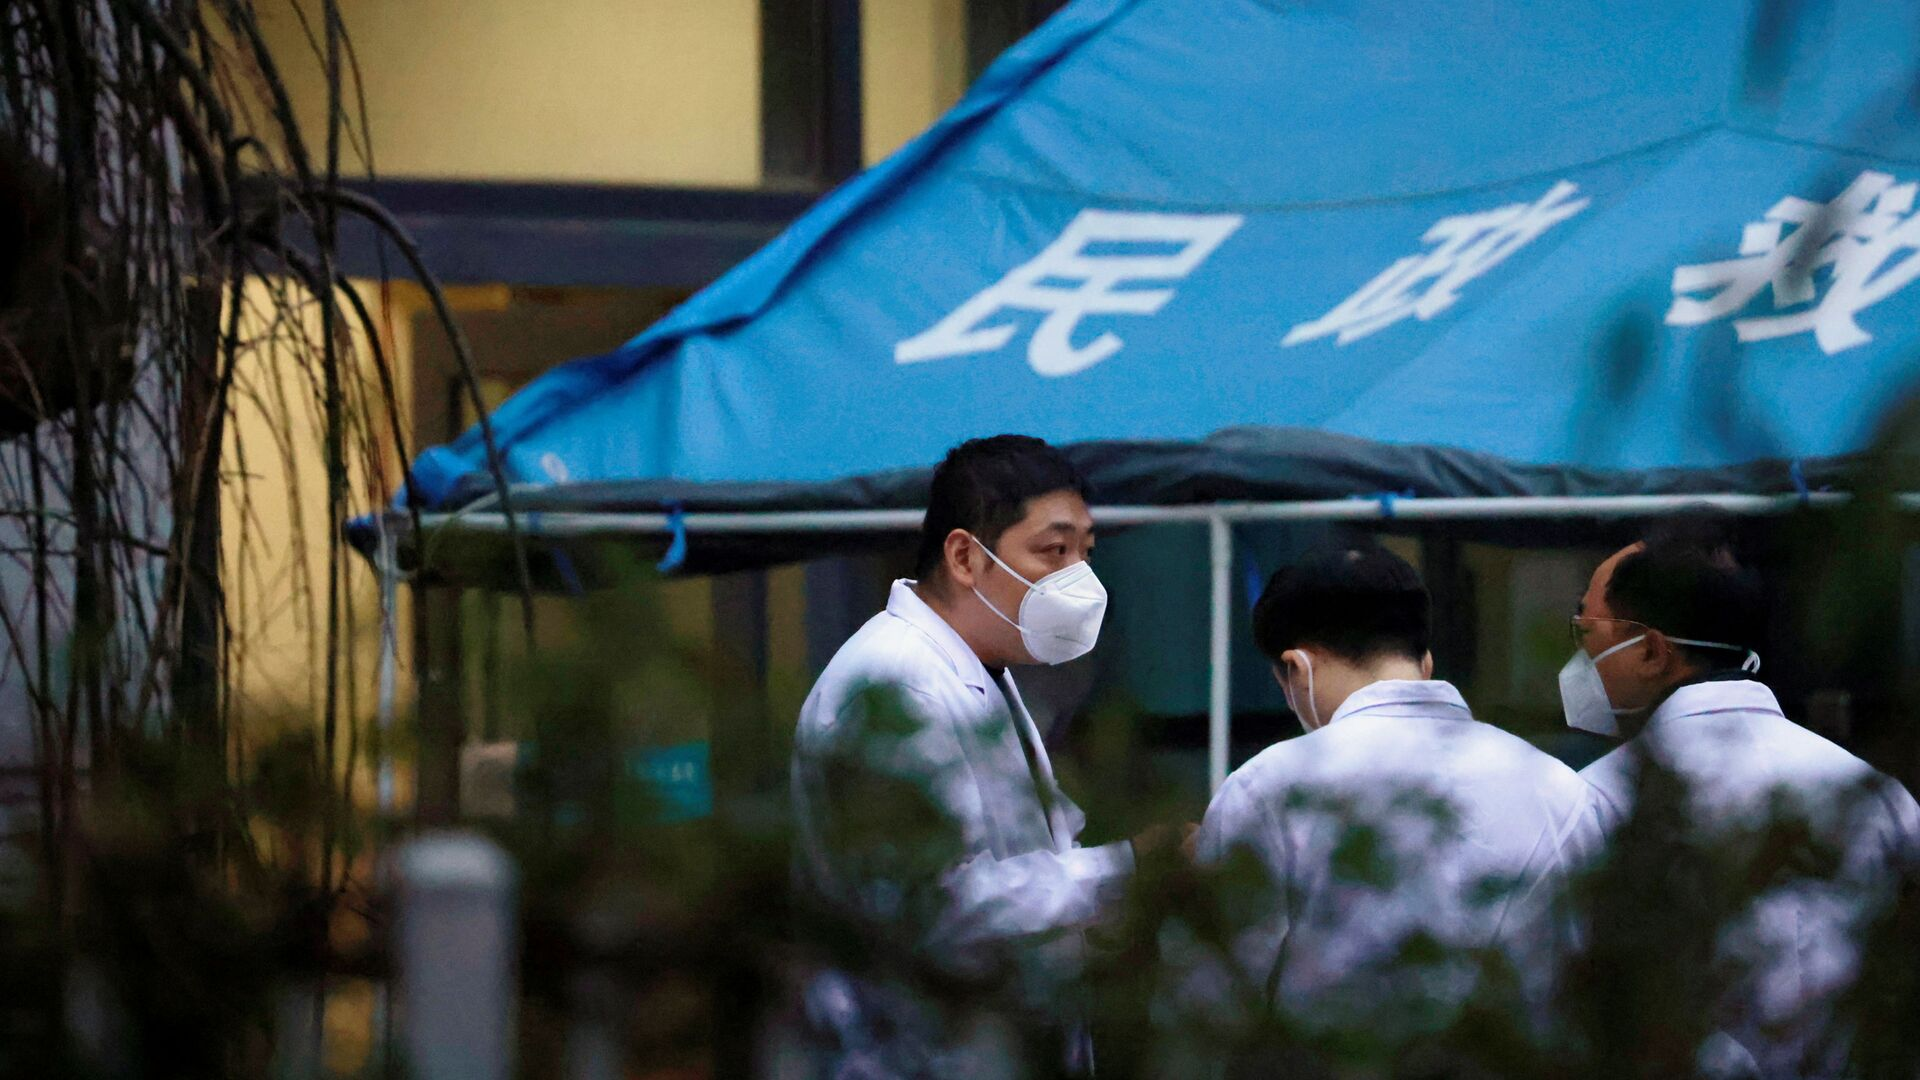 Esperti OMS in un ospedale a Wuhan, Cina - Sputnik Italia, 1920, 19.07.2021